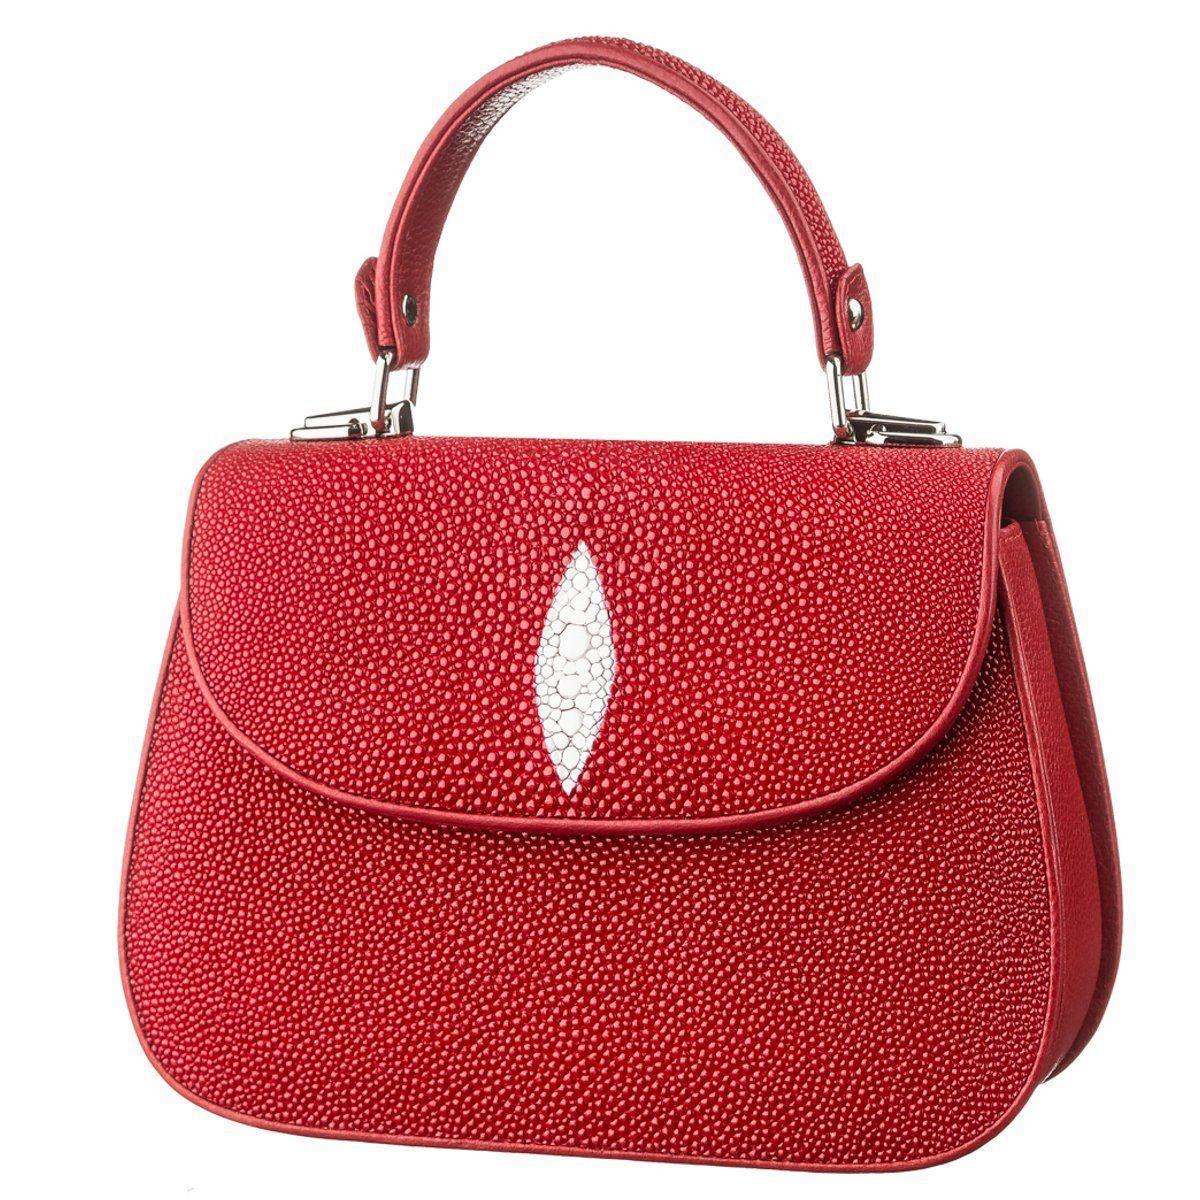 Сумка Женская Stingray Leather 18627 Из Натуральной Кожи Морского Ската Красная, Красный